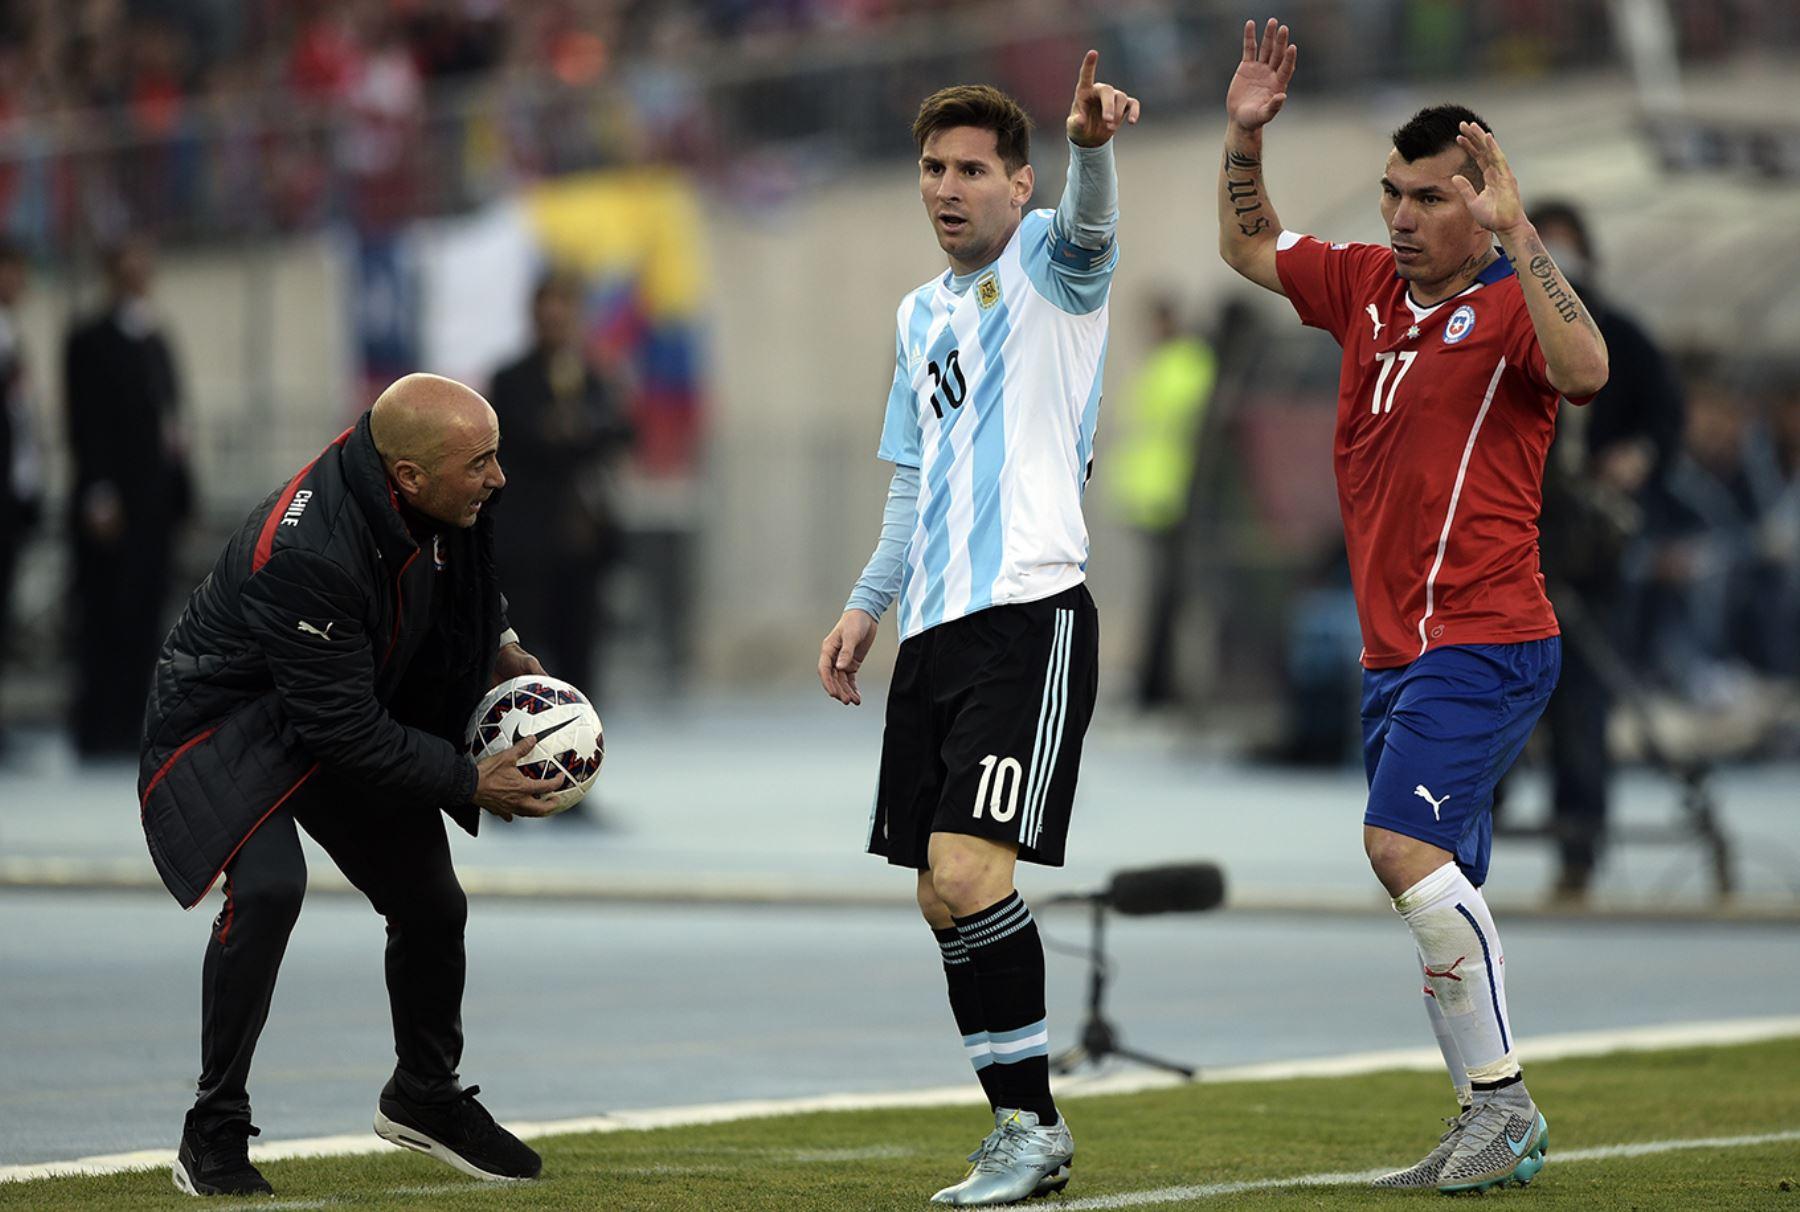 Partido final de la Copa América entre Argentina y Chile.  Foto: AFP